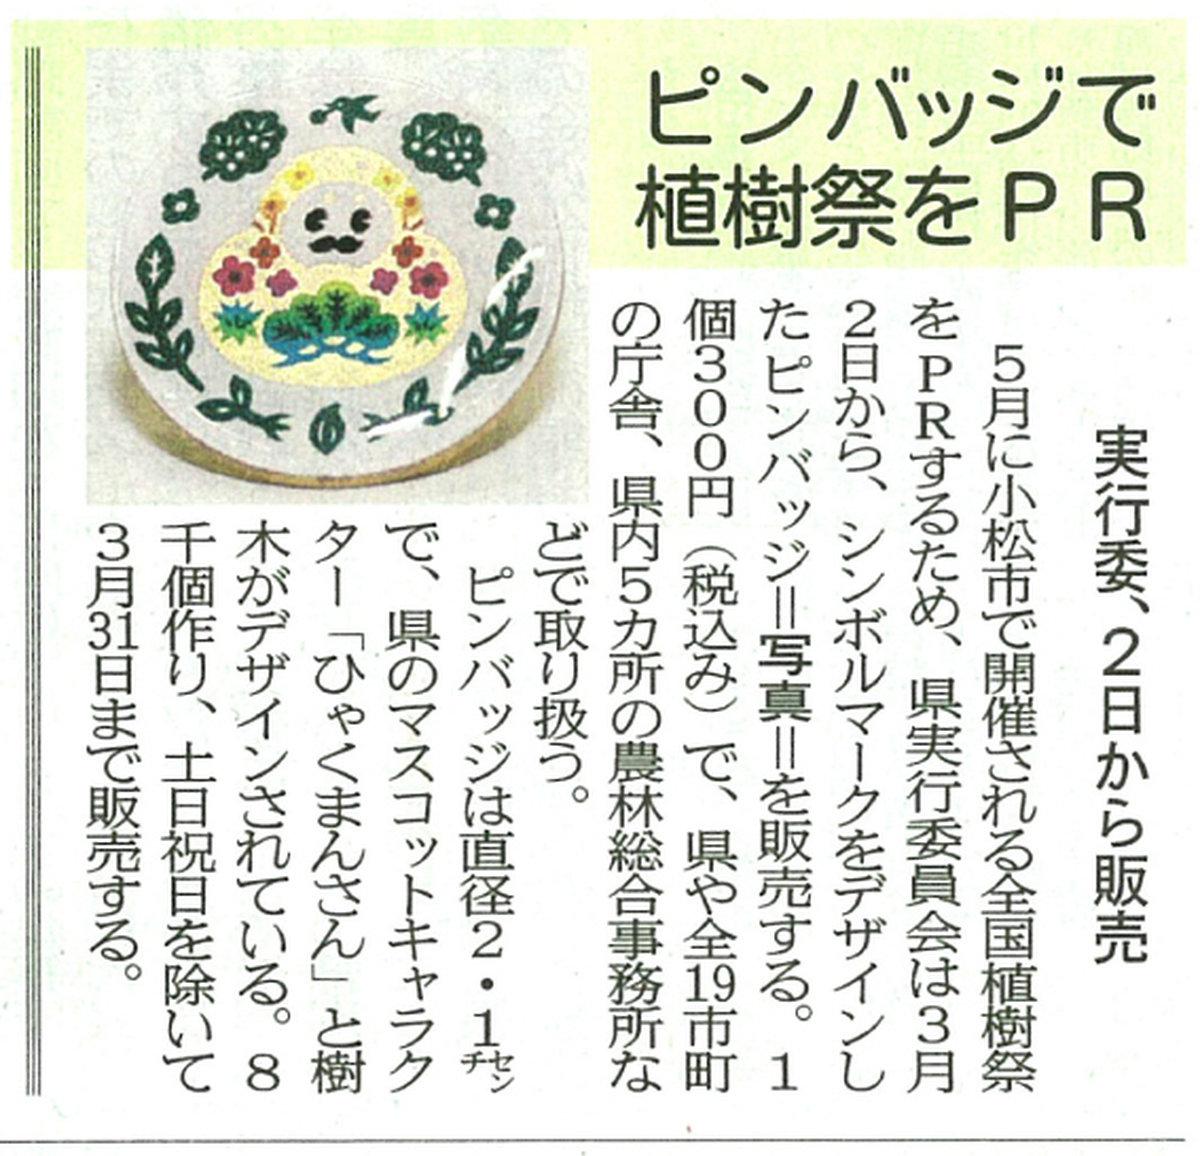 「ひゃくまんさん 植樹祭」 記事掲載